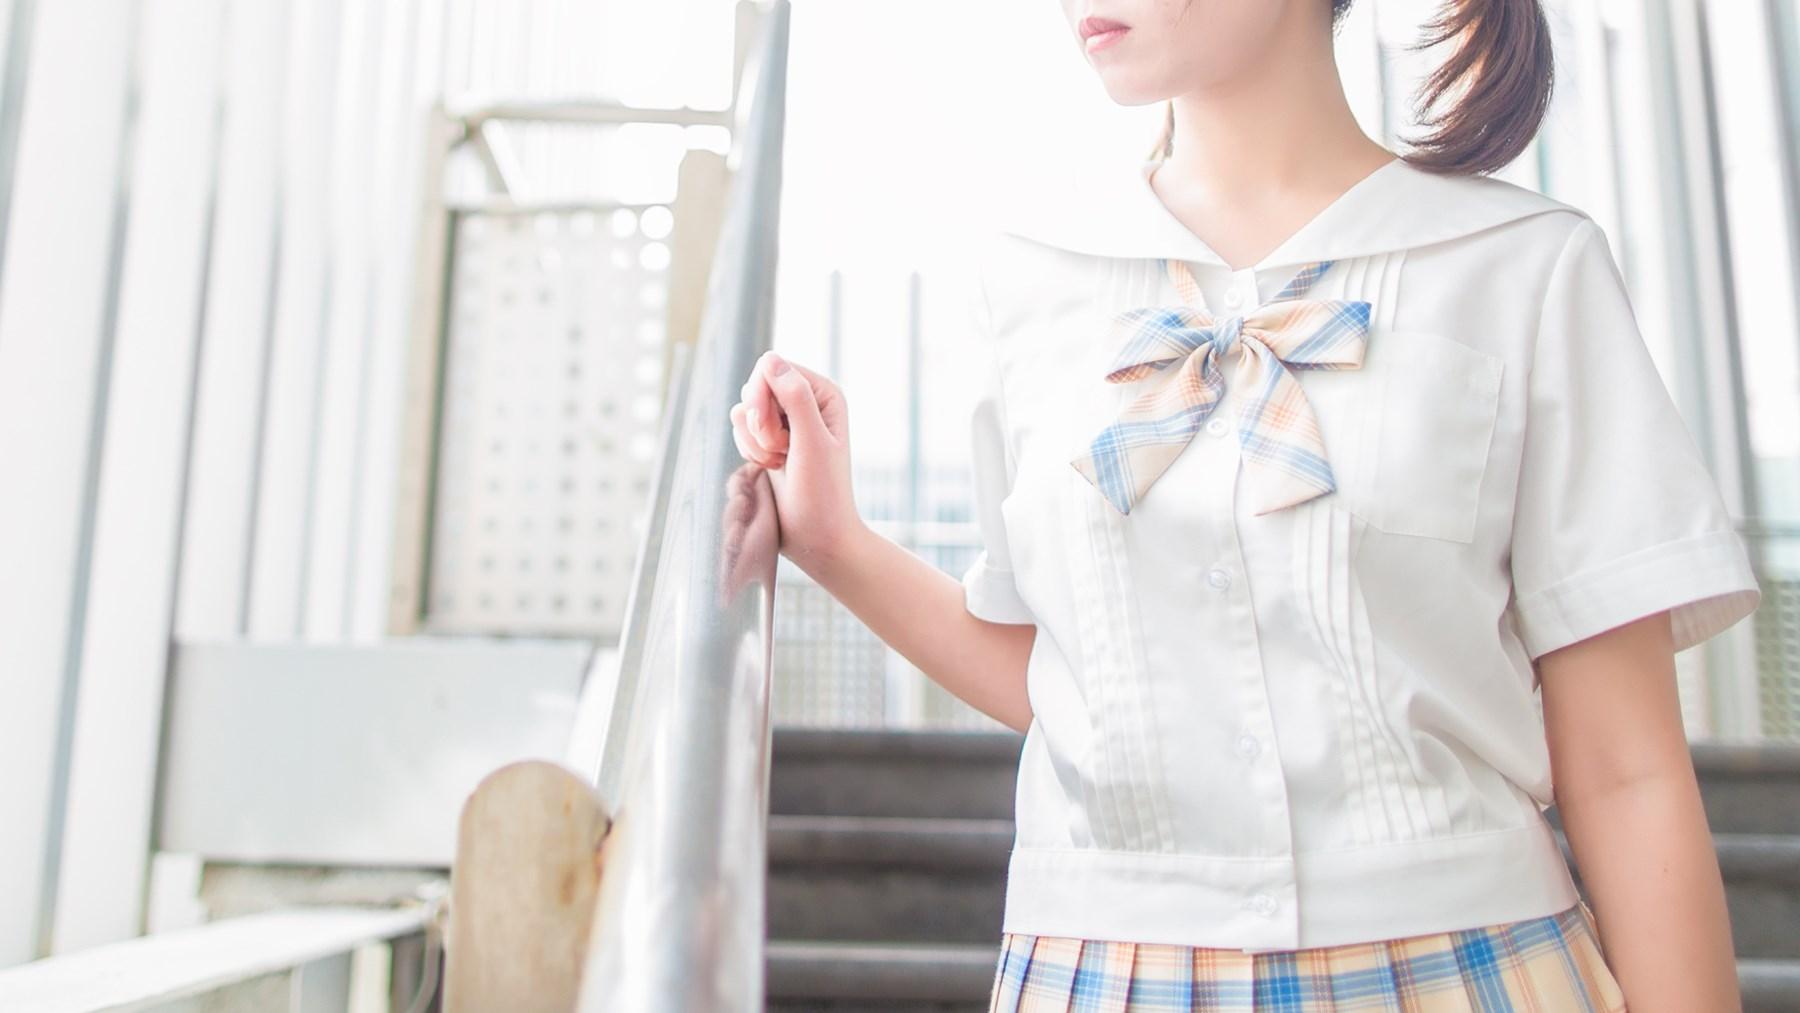 【兔玩映画】小拳拳捶你胸口 兔玩映画 第48张